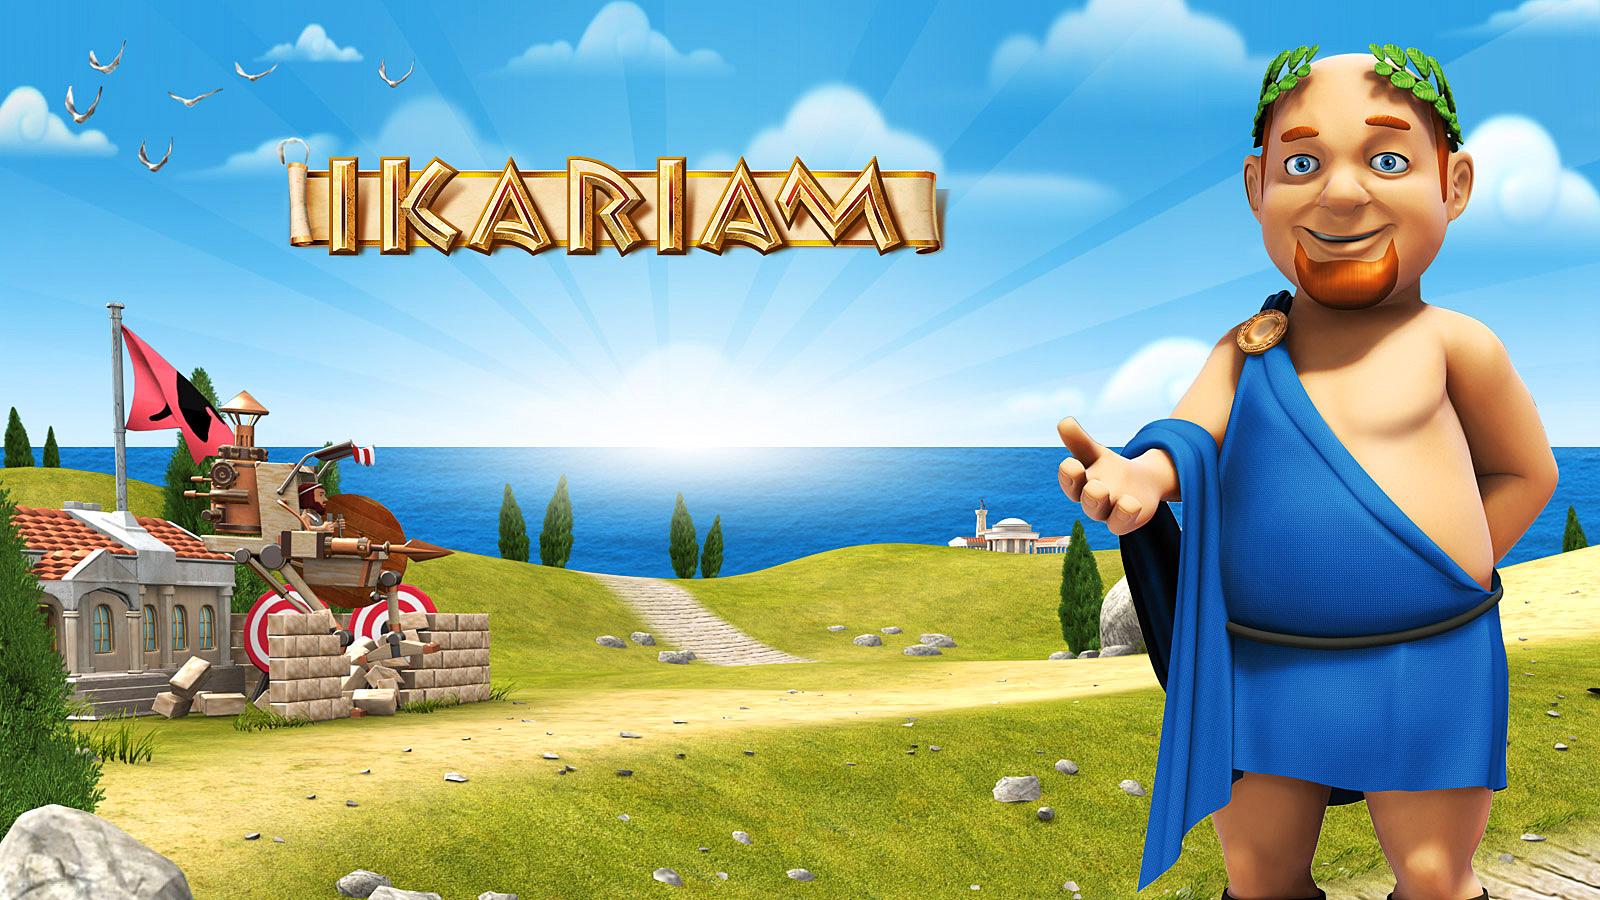 Ikariam - Handelssimulation im antiken Griechenland spielen